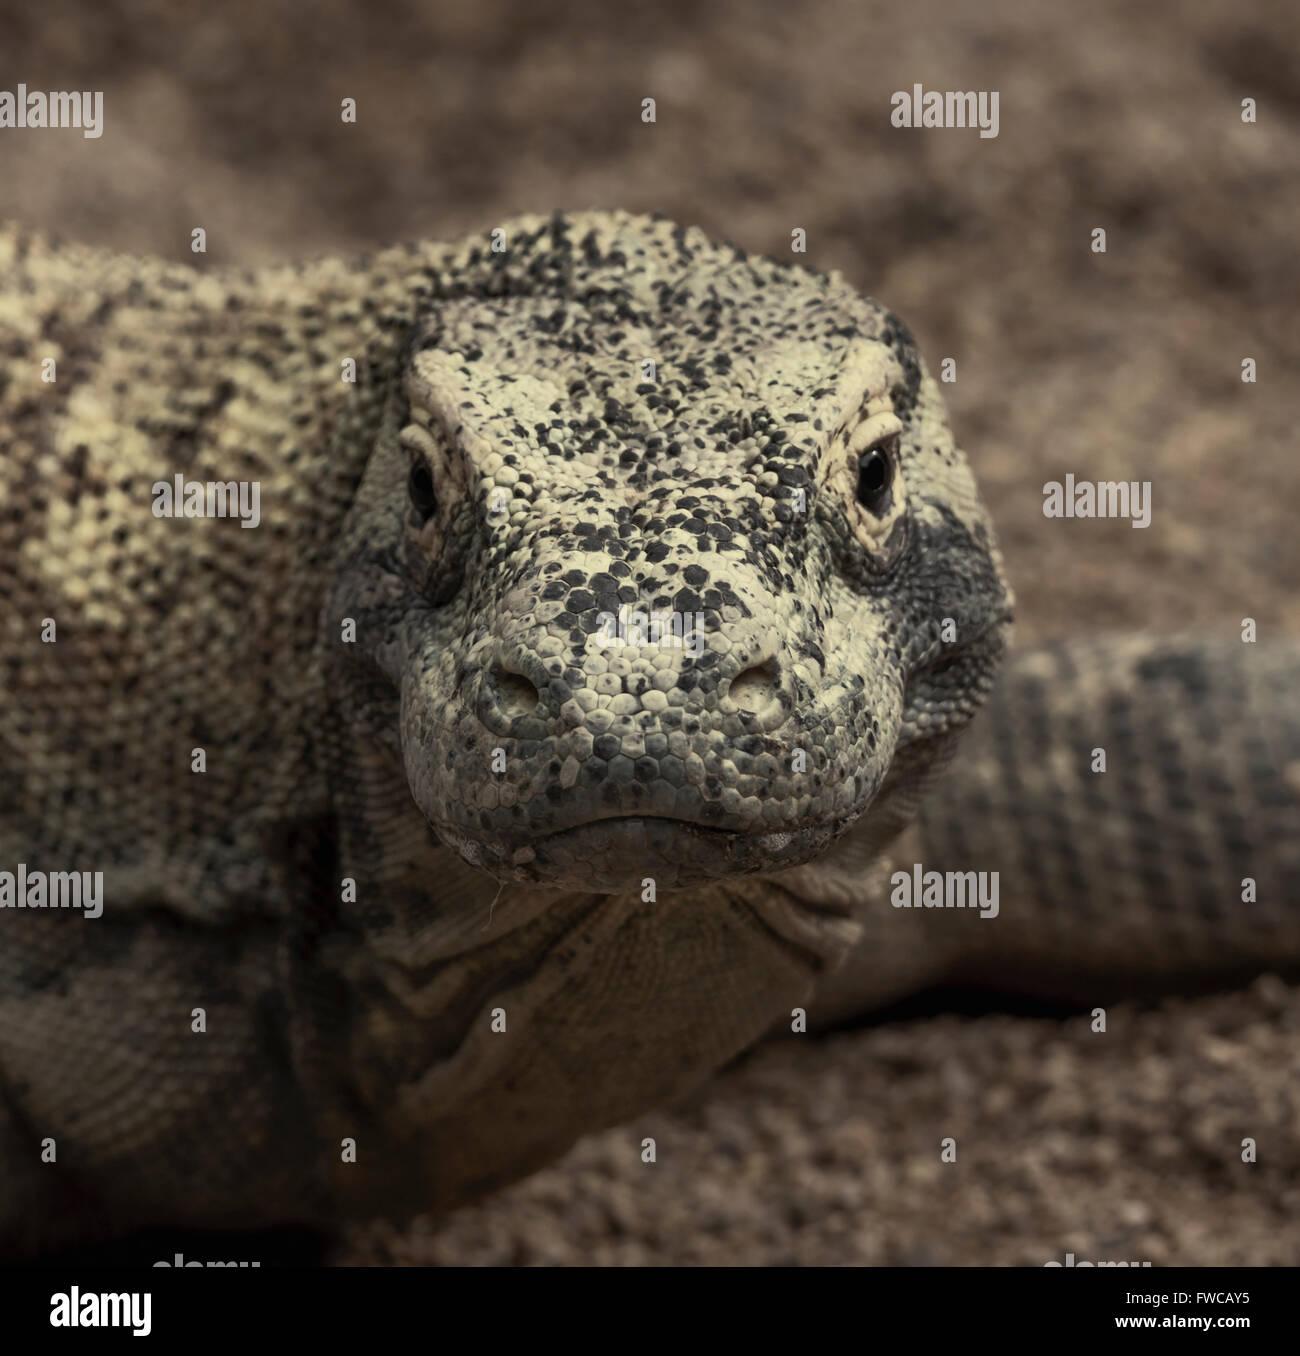 Dragon de Komodo, ou moniteur (Varanus komodoensis). Lézard géant trouvés dans plusieurs îles Photo Stock